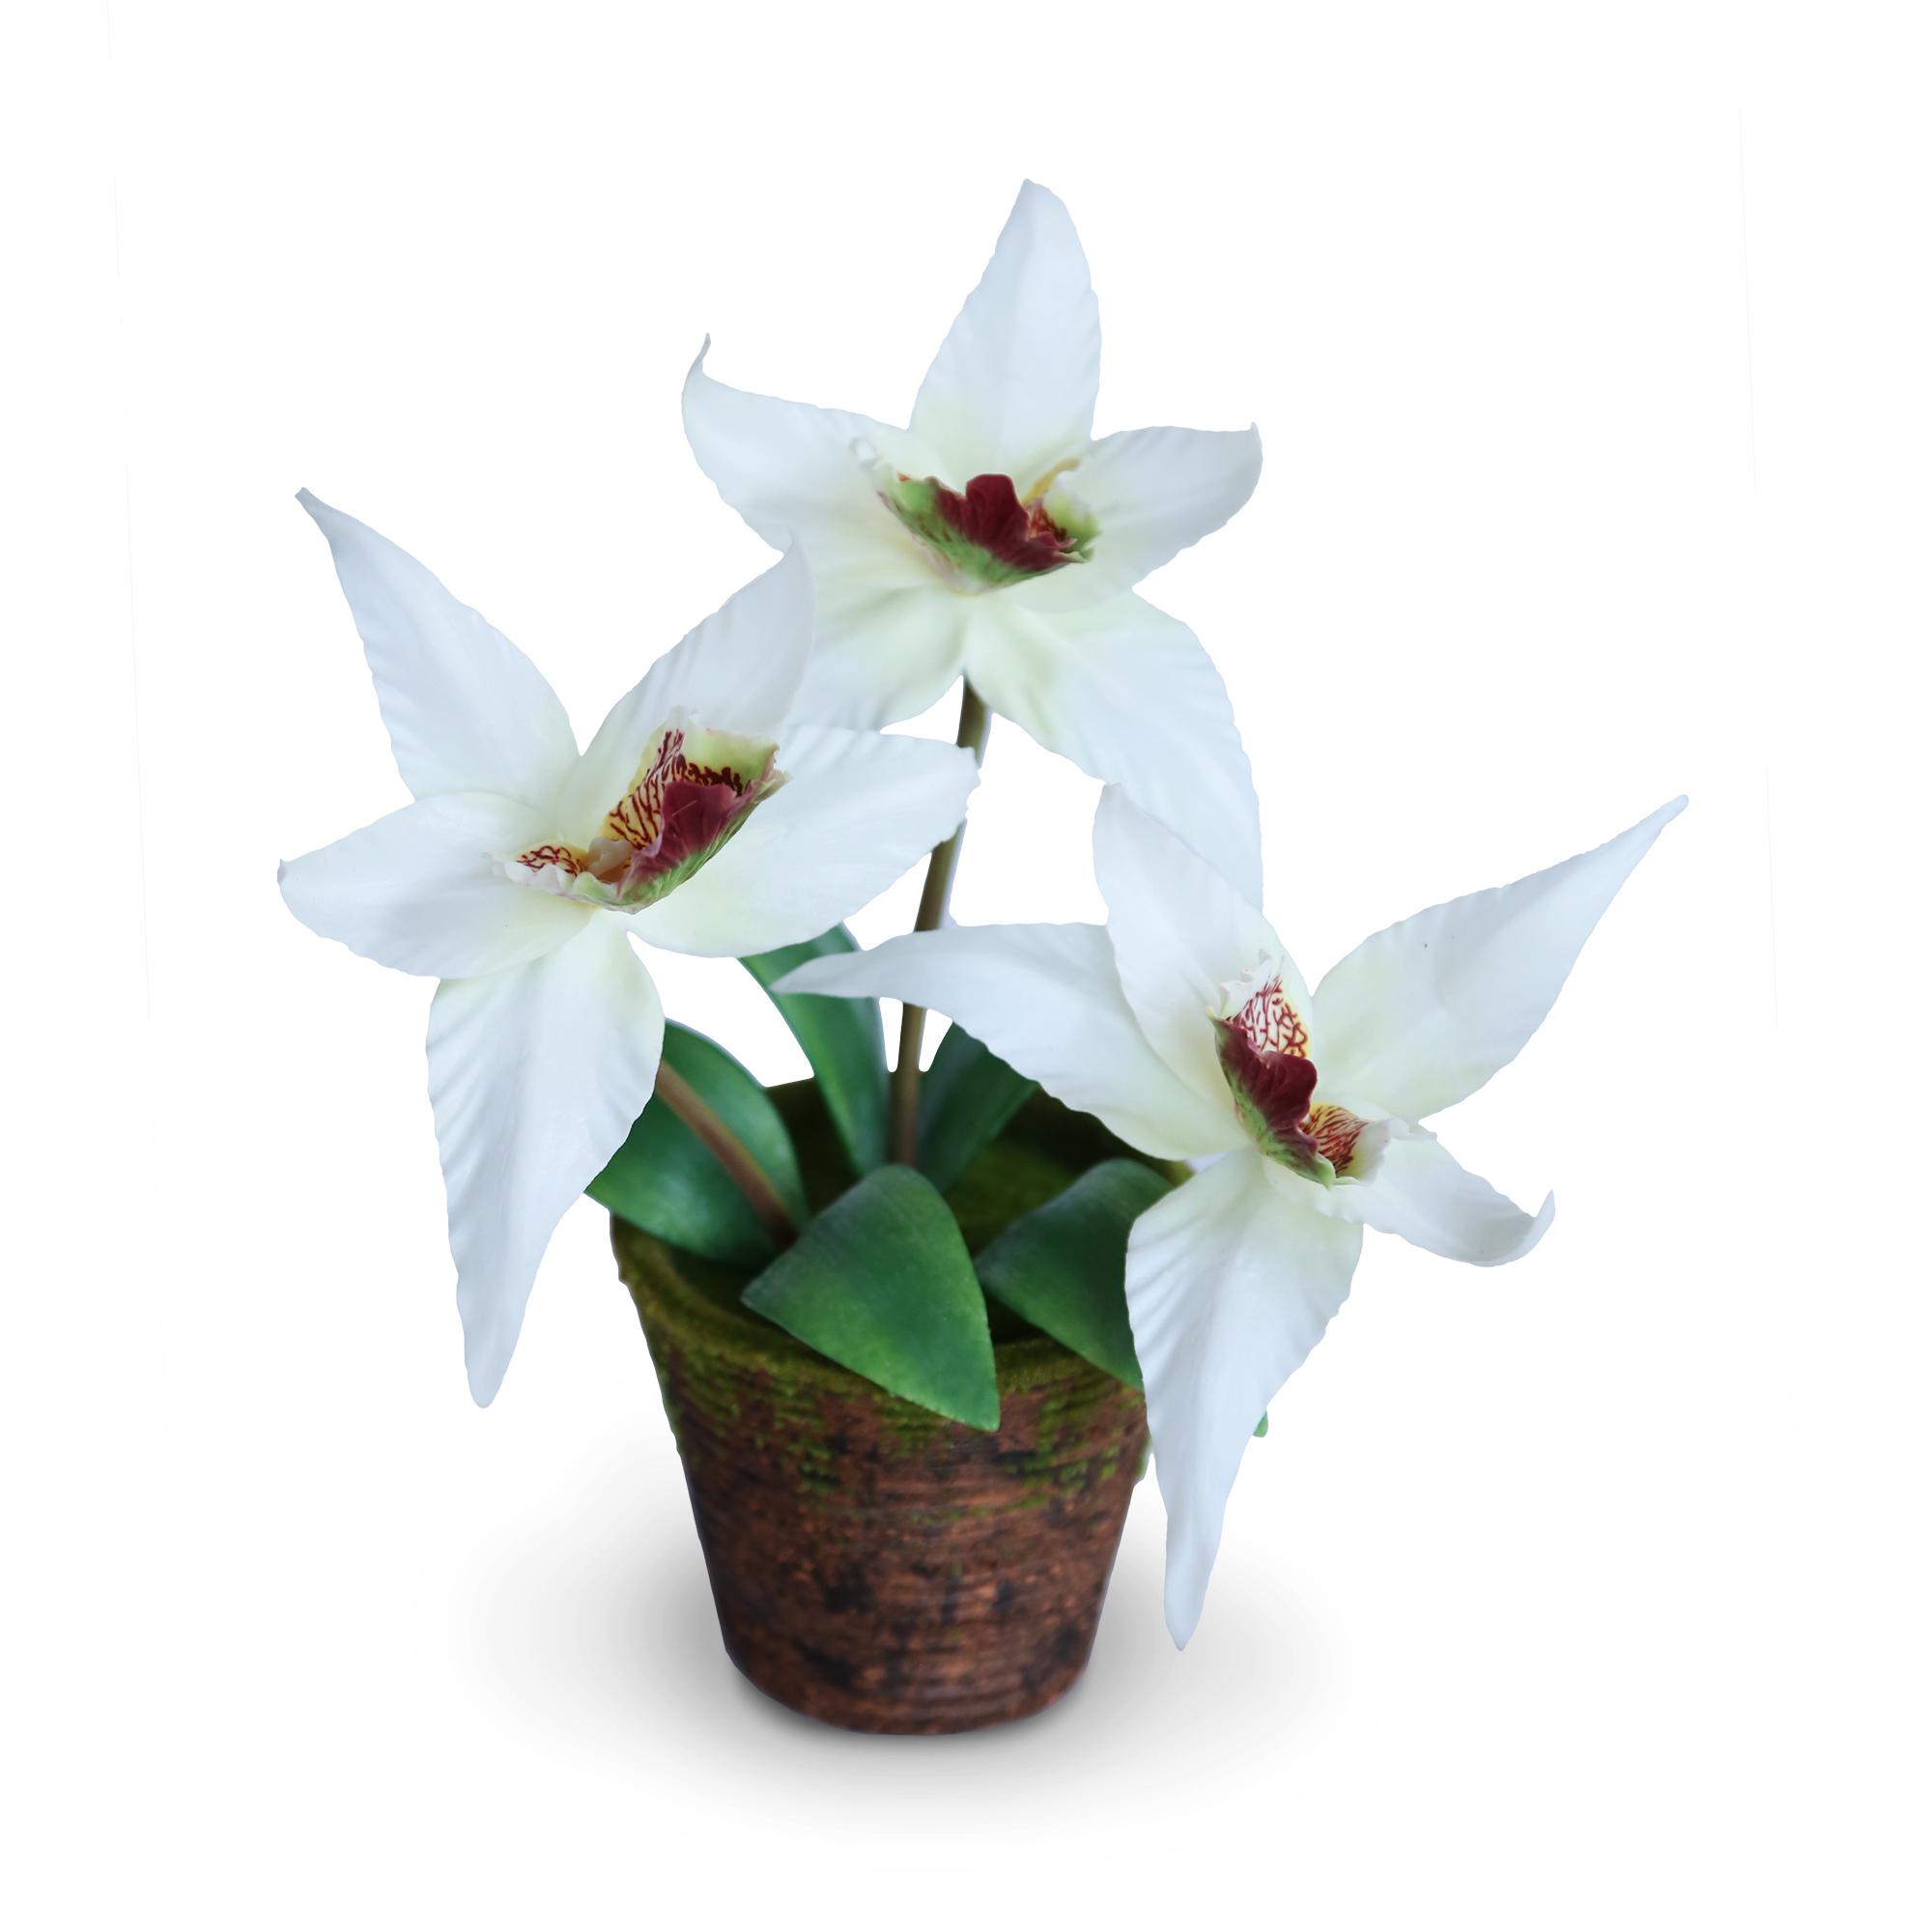 แจกันดอกไม้ประดิษฐ์ โอดอนโทกลอสซัม สีขาวครีม ขนาดกระทัดลัดเหมาะสำหรับตกแต่งโต๊ะ หรือมุมส่วนตัวต่างๆให้ดูเป็นธรรมชาติสวยงาม